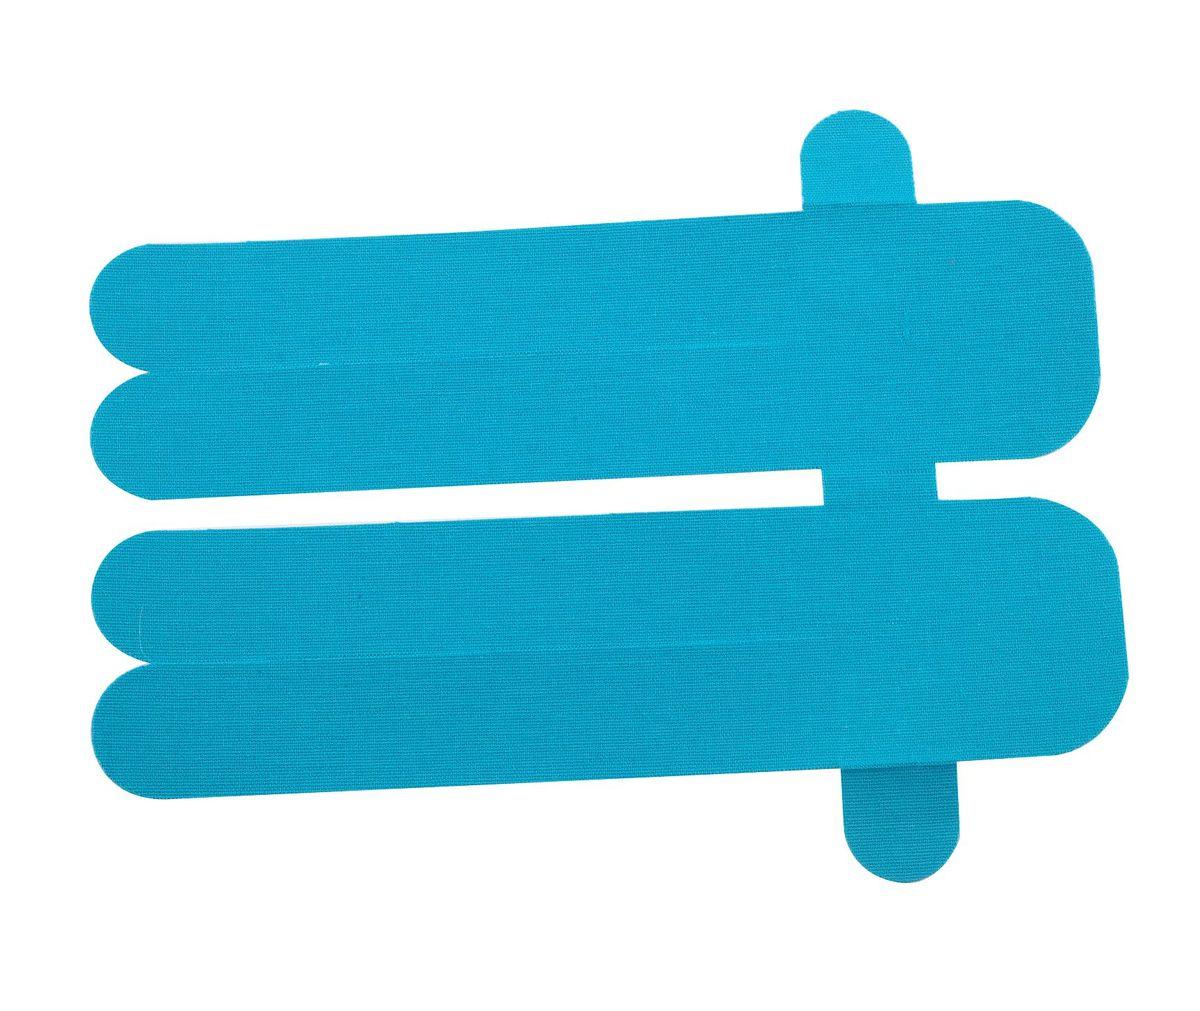 Лента кинезиологическая для спины и талии Lite Weights, цвет: голубой1213LWКинезиологическая лента Lite Weights предназначена для защиты мышц спины и талии от растяжений во время занятий спортом. Специальная хлопковая лента, не содержащая латекс, с акриловым термоактивным покрытием, аналогичная по эластичности человеческой коже, которая накладывается по методу кинезиологического тейпирования. Тейп обеспечивает адекватную работу мышц, протекание саногенетических процессов, уменьшая болевой эффект, при этом не ограничивая движений, улучшая крово- и лимфоток, обладая гипоаллергенными свойствами и полной воздухо- и влагопроницаемостью, позволяет использовать его на протяжении 5 дней, 24 часа в сутки, даже в воде. Преимущества кинезиологической ленты: позволяет снизить нагрузку на определенные мышцы; обеспечивает плавный процесс восстановления после травм; усиливает кровообращение на участке наклеивания; улучшает снабжение мышц кислородом; уменьшает болевой синдром и отечность; размер ленты: 21 см х 26,5 см; ускоряет...